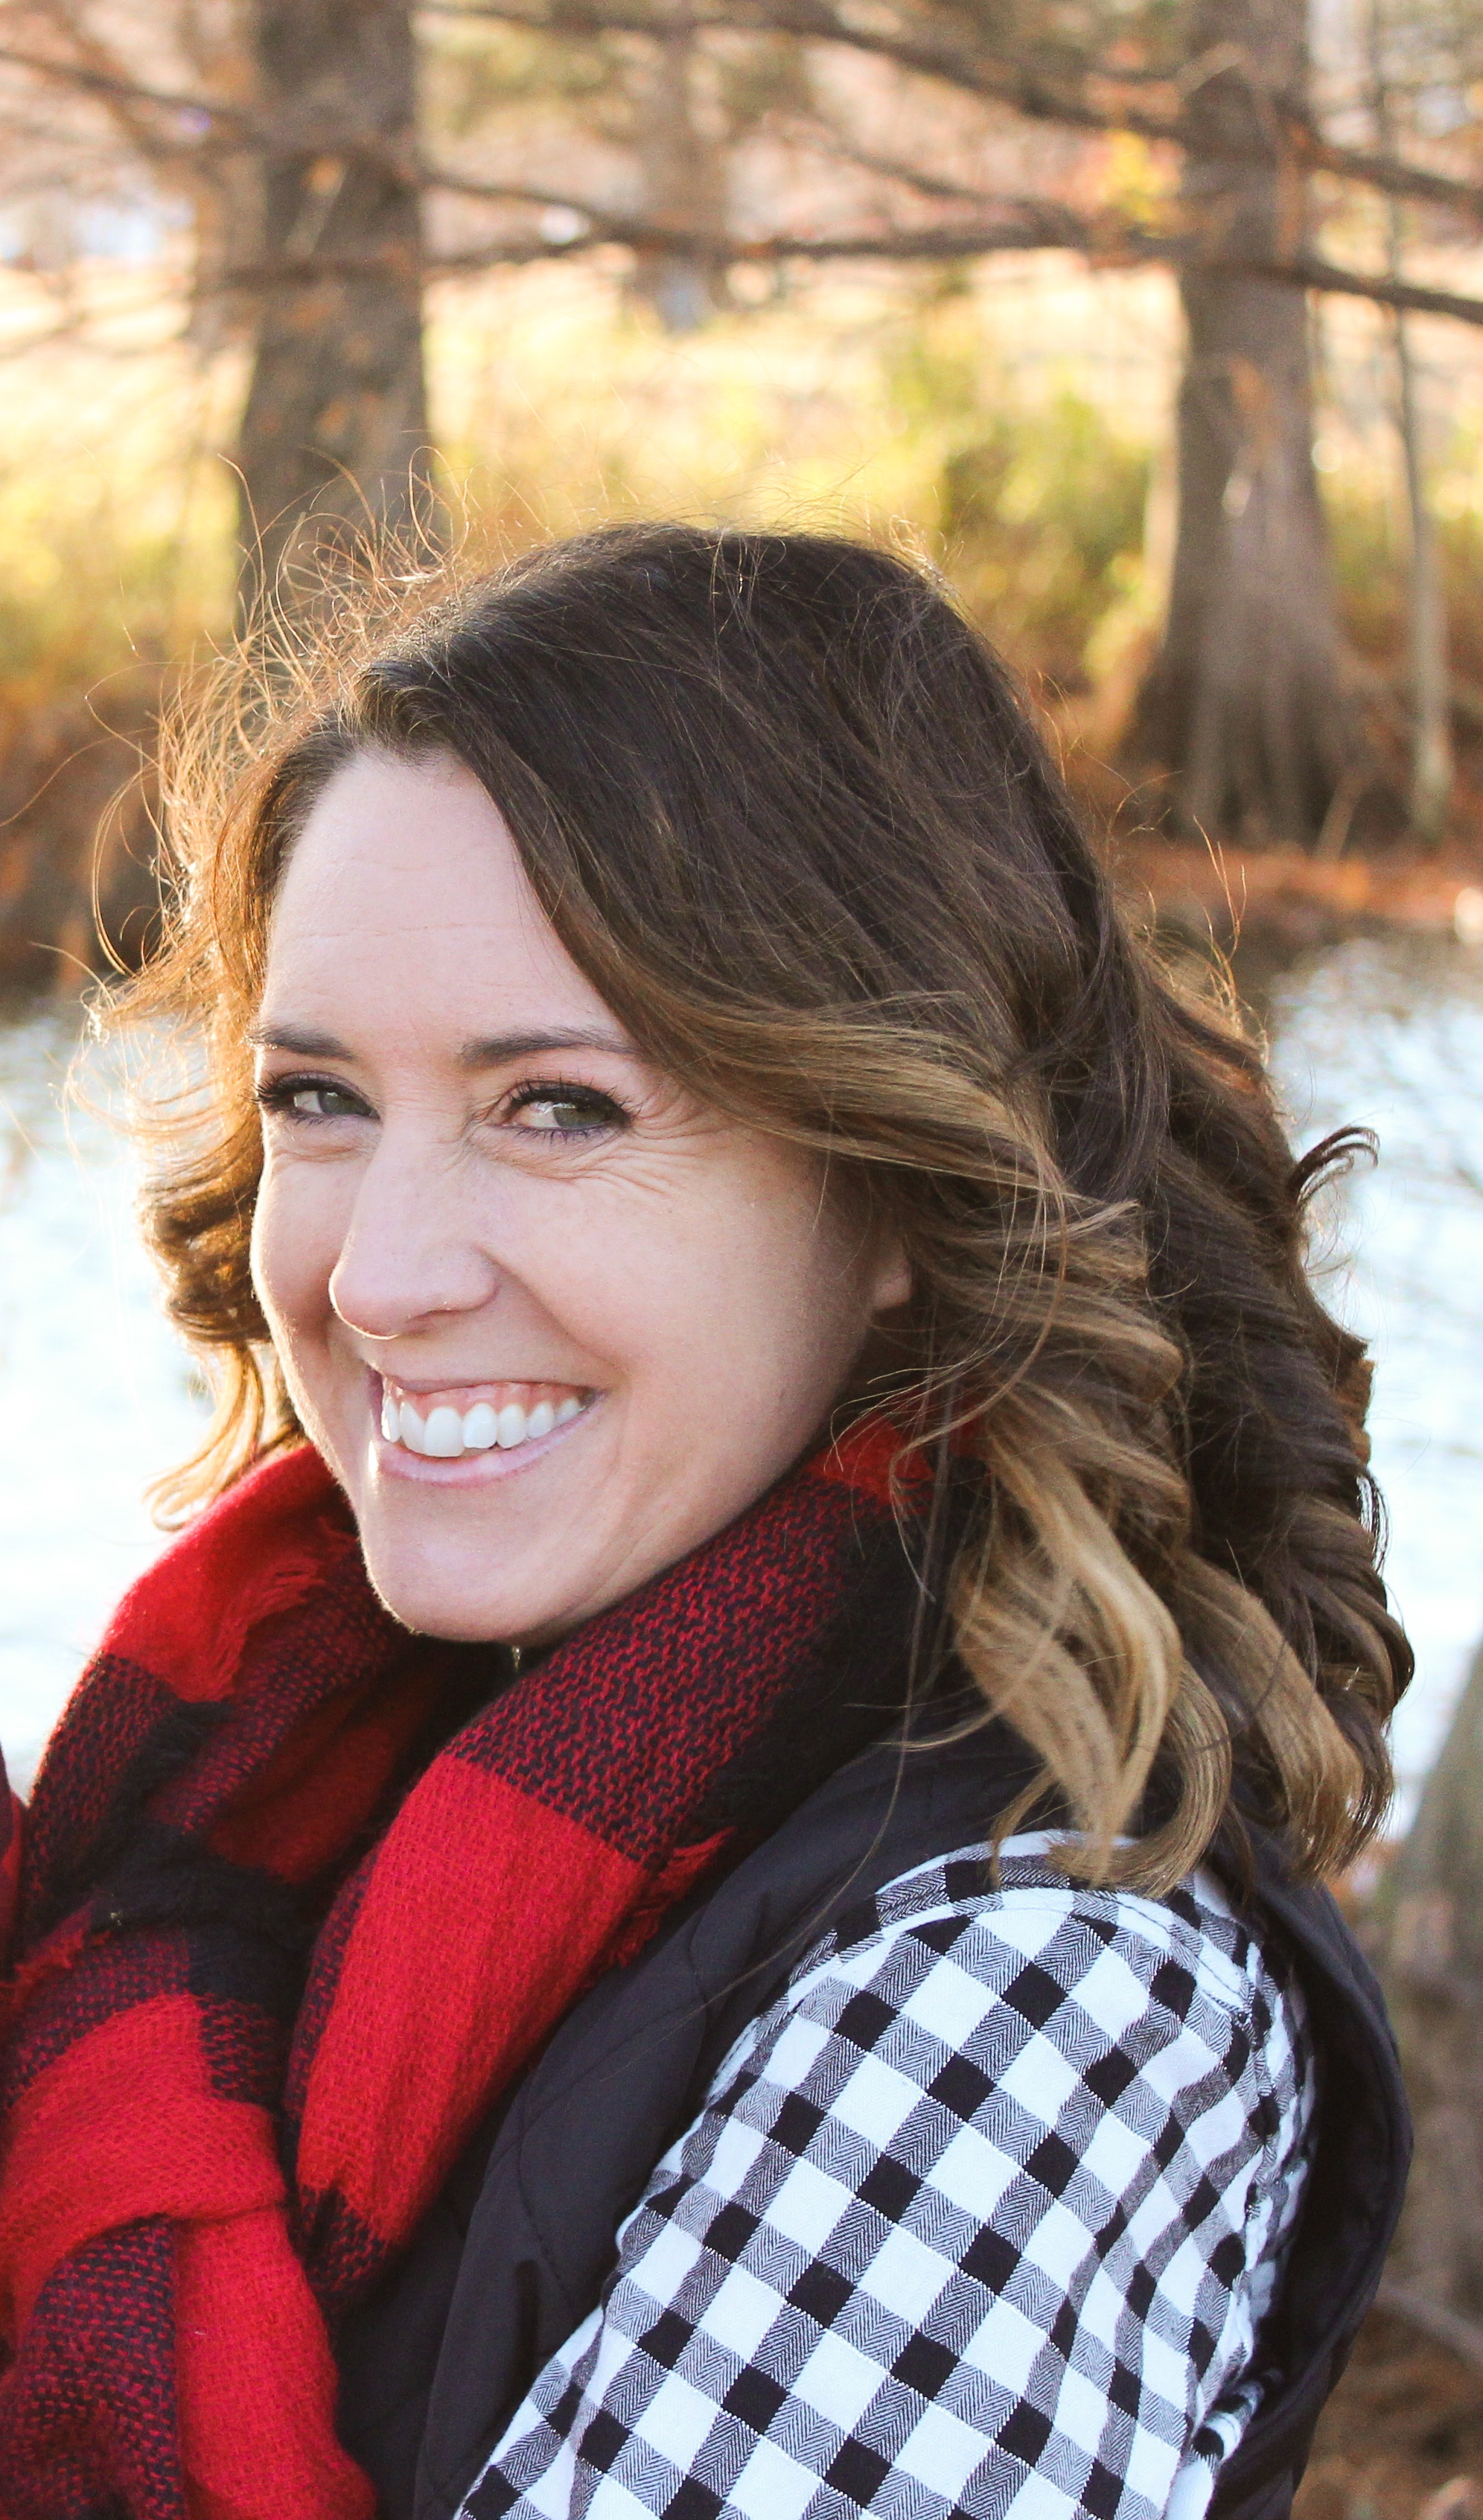 Portrait photo of Megan McConnell.